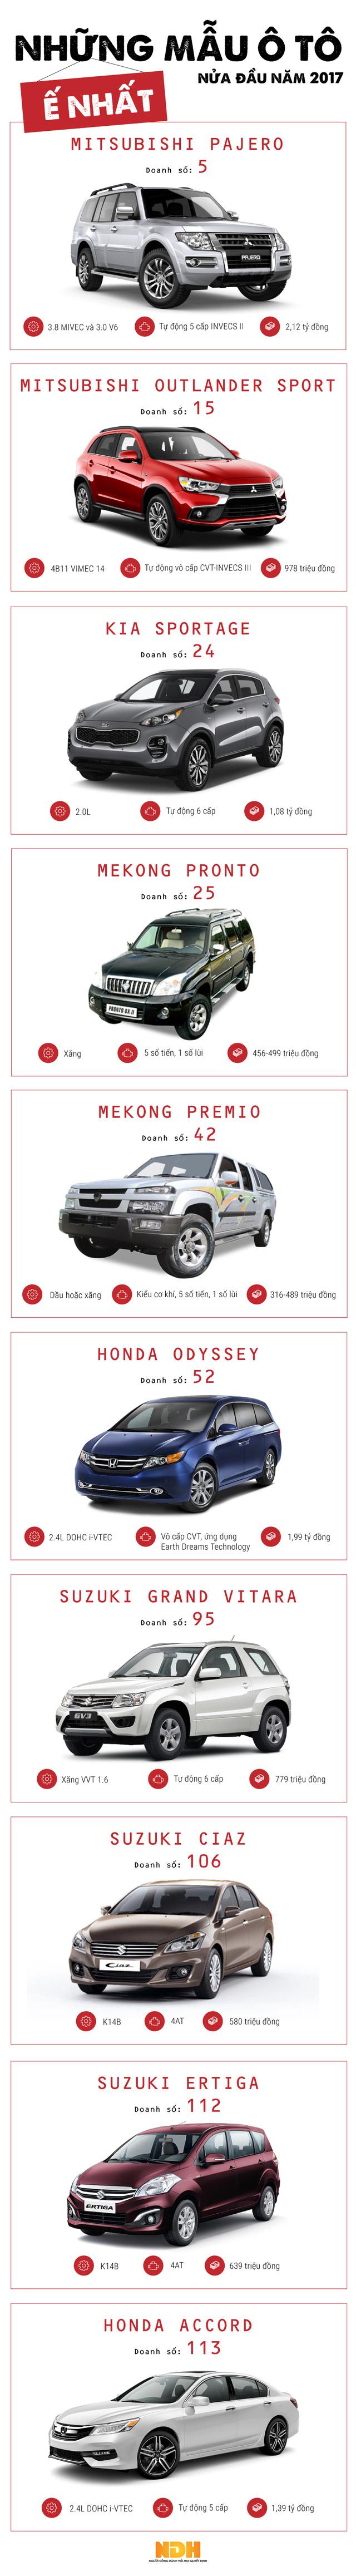 Những mẫu ô tô bán chậm nhất nửa đầu năm 2017 - Ảnh 1.